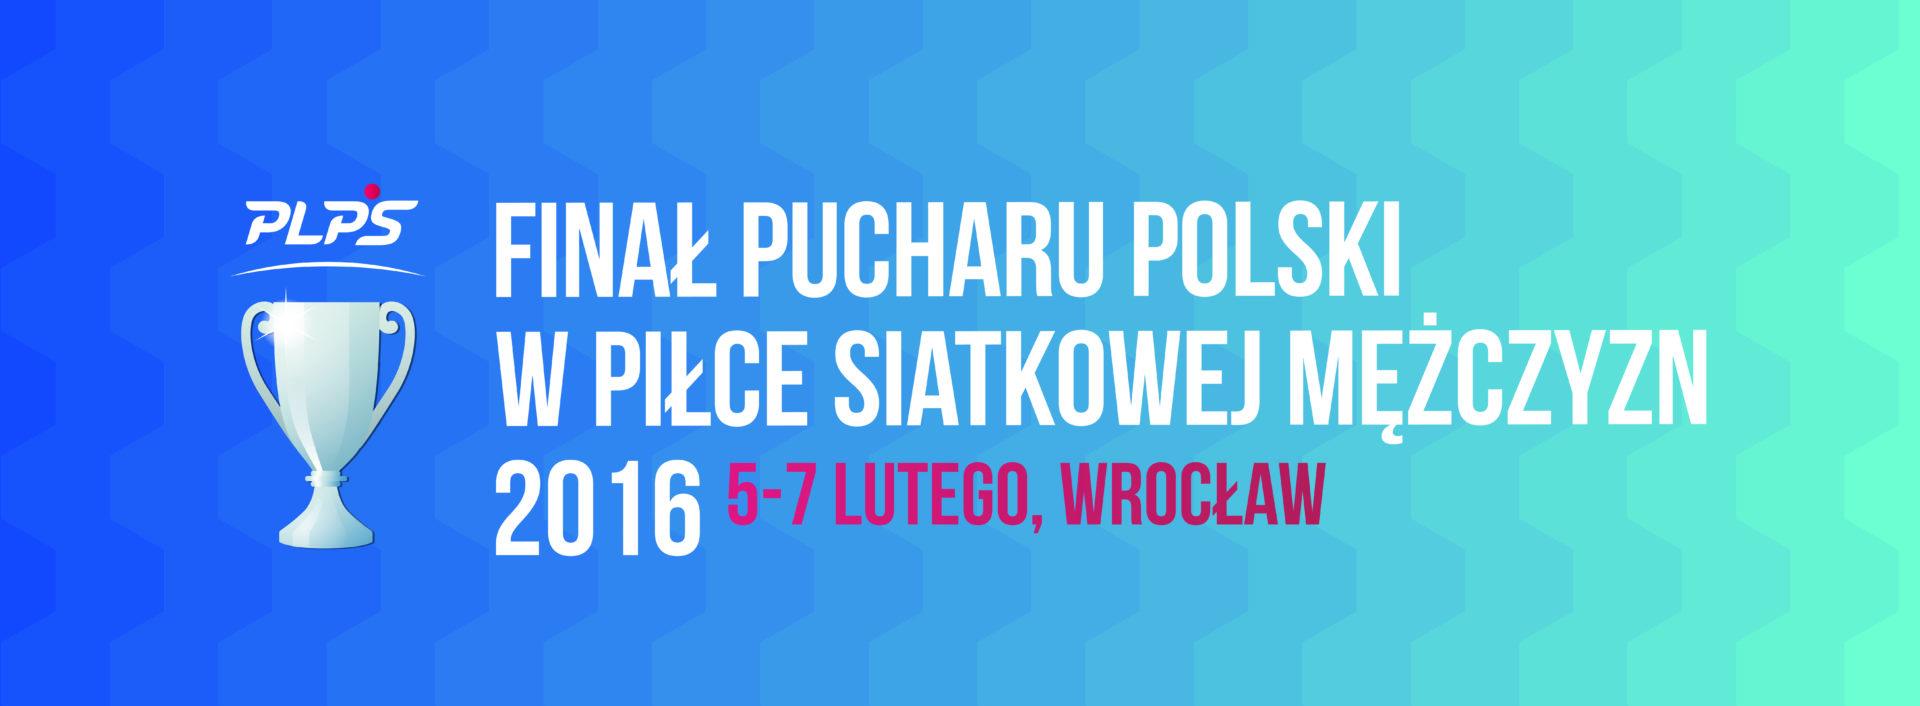 Finał Pucharu Polski w piłce siatkowej mężczyzn 2016 we Wrocławiu!